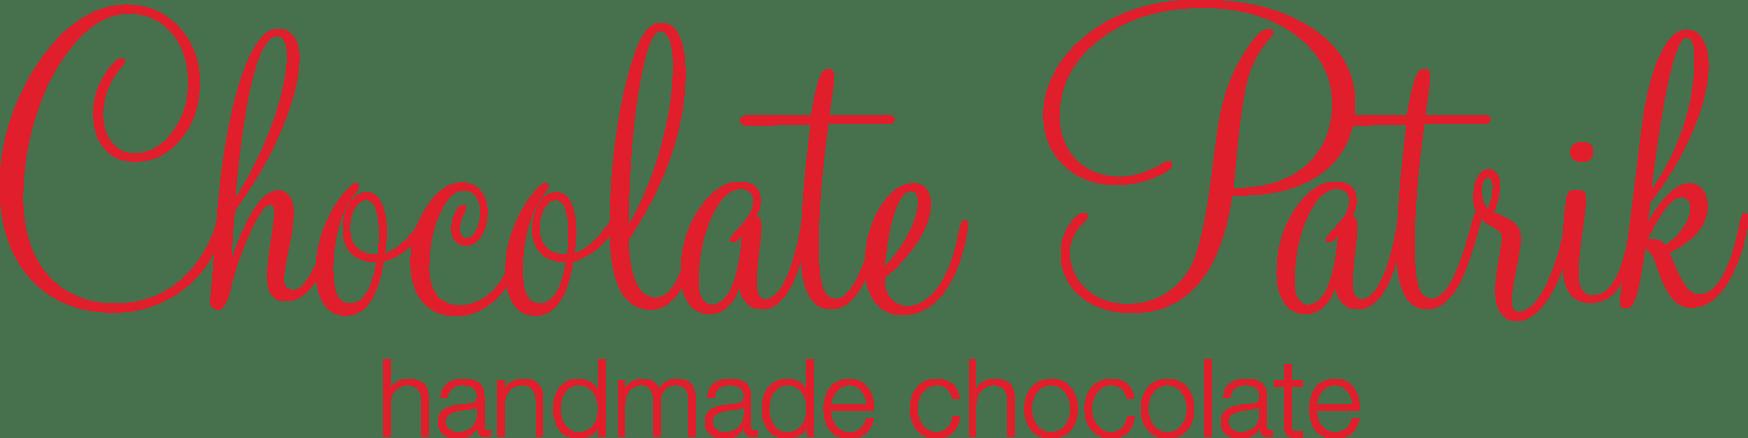 Chocolate Patrik